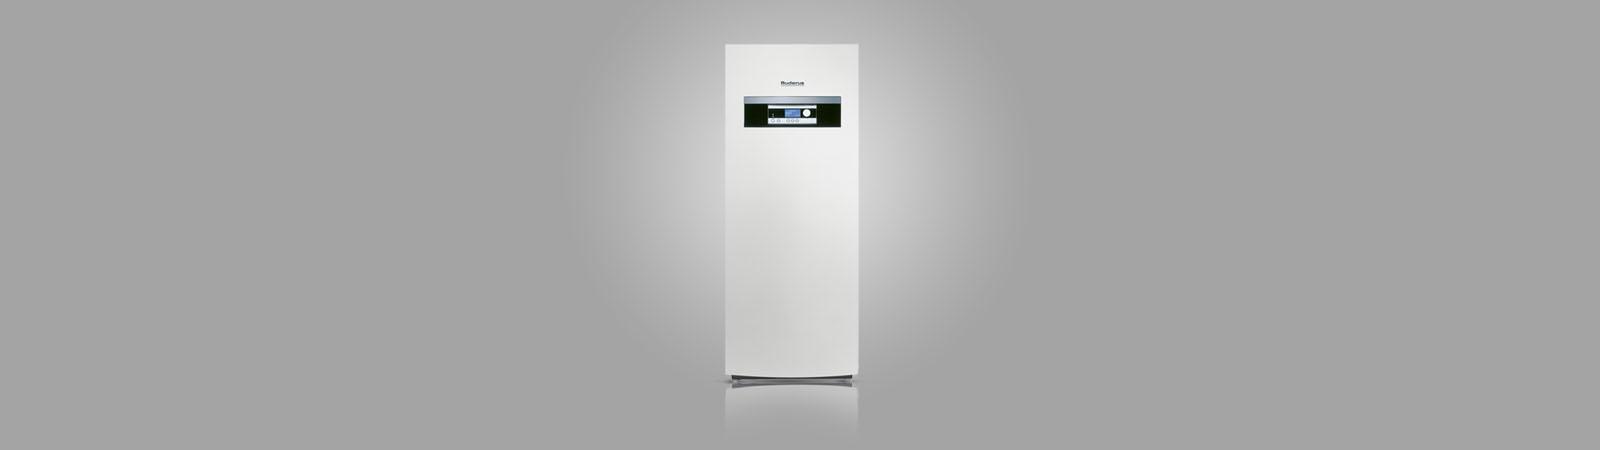 Wasser-Wasser-Wärmepumpe